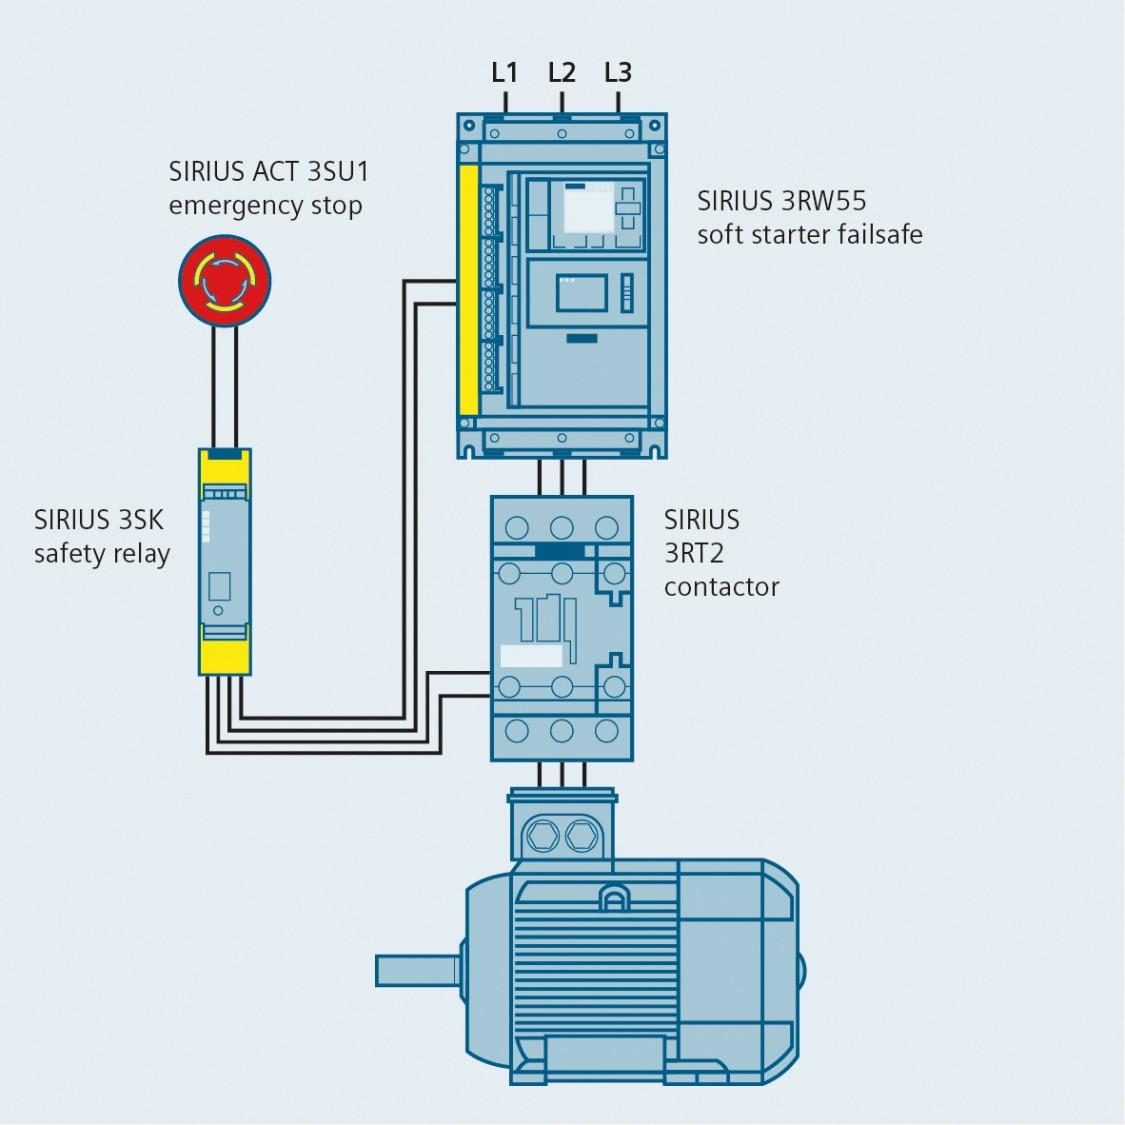 Sicherheitslevel SIL3 bzw. PLe mit Sanftstarter SIRIUS 3RW55 Failsafe